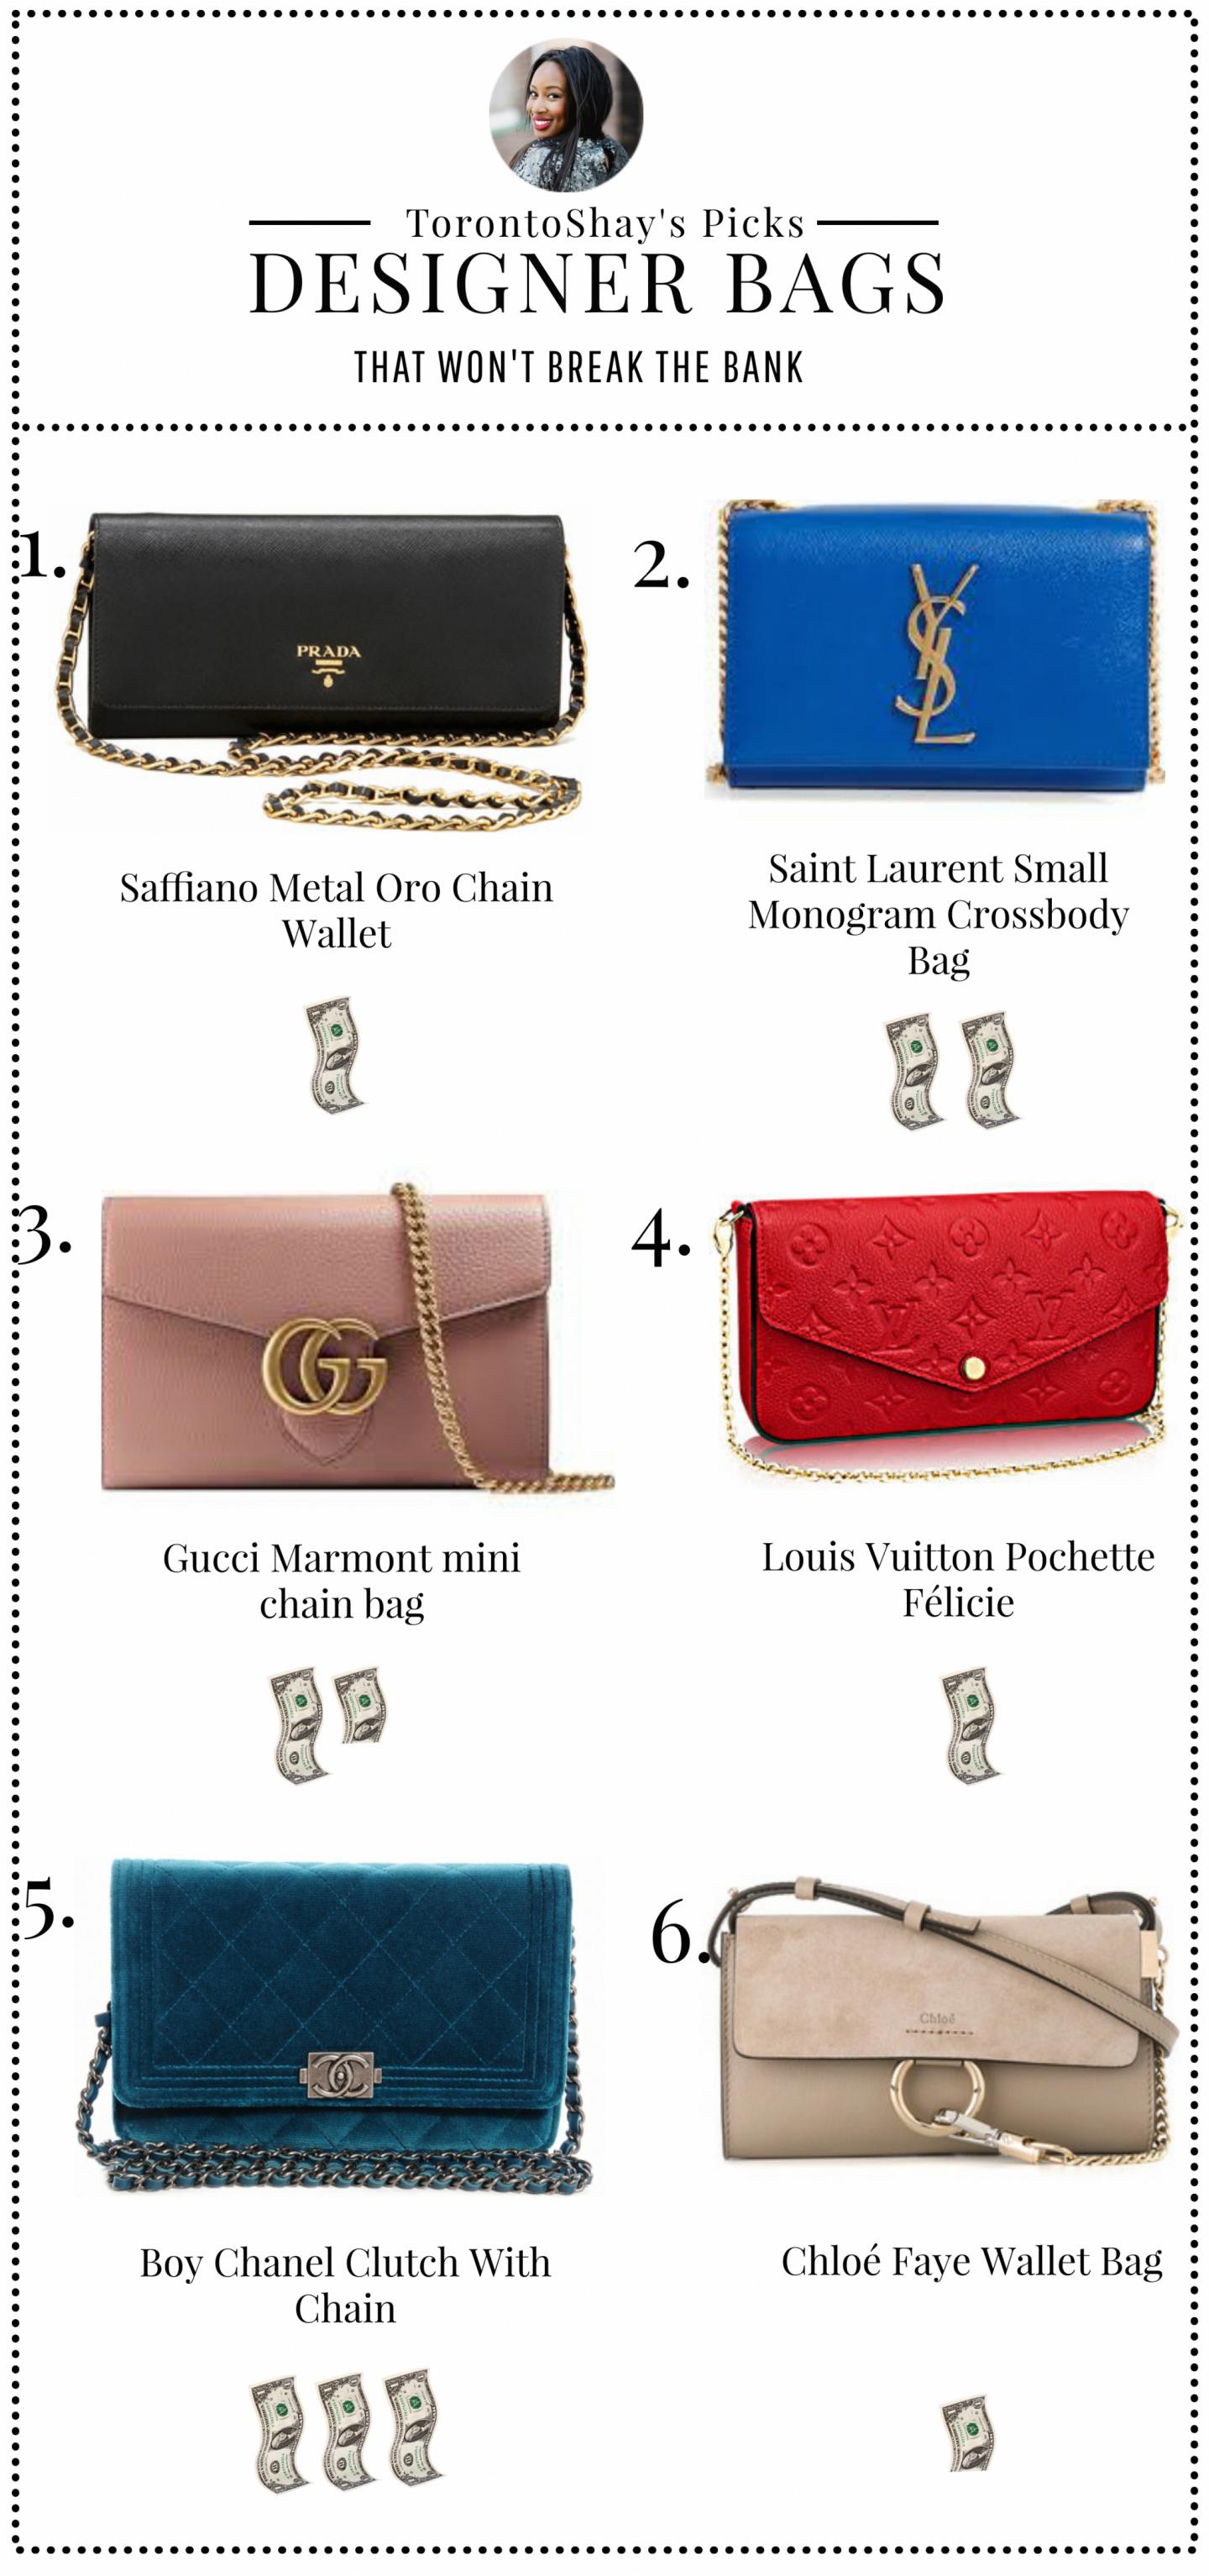 9f2e4b9c3bedb Affordable luxury handbags